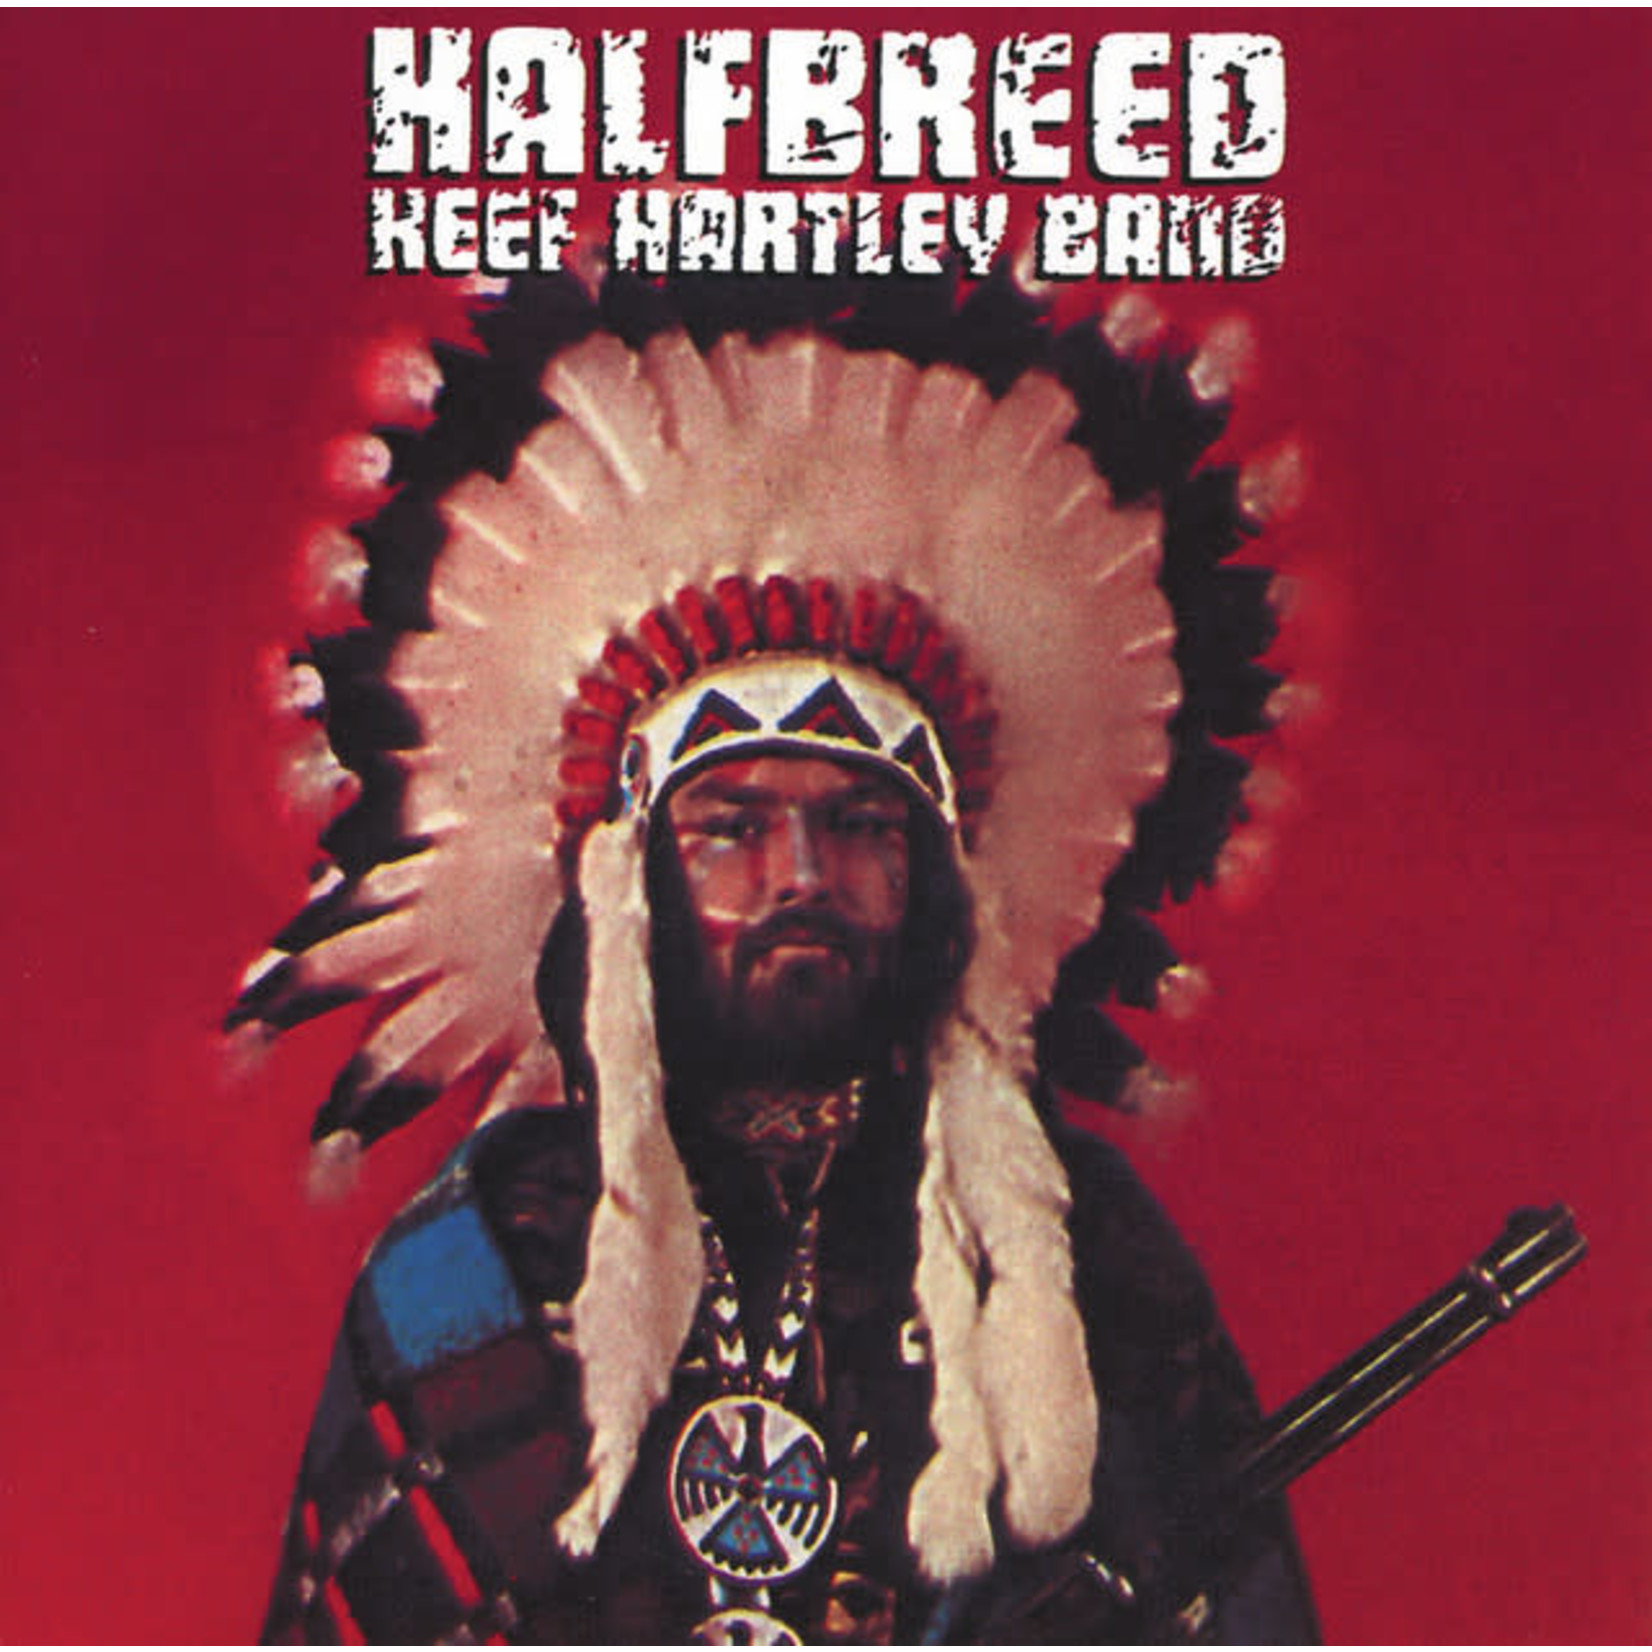 Vinyl The Keef Hartley Band - Halfbreed